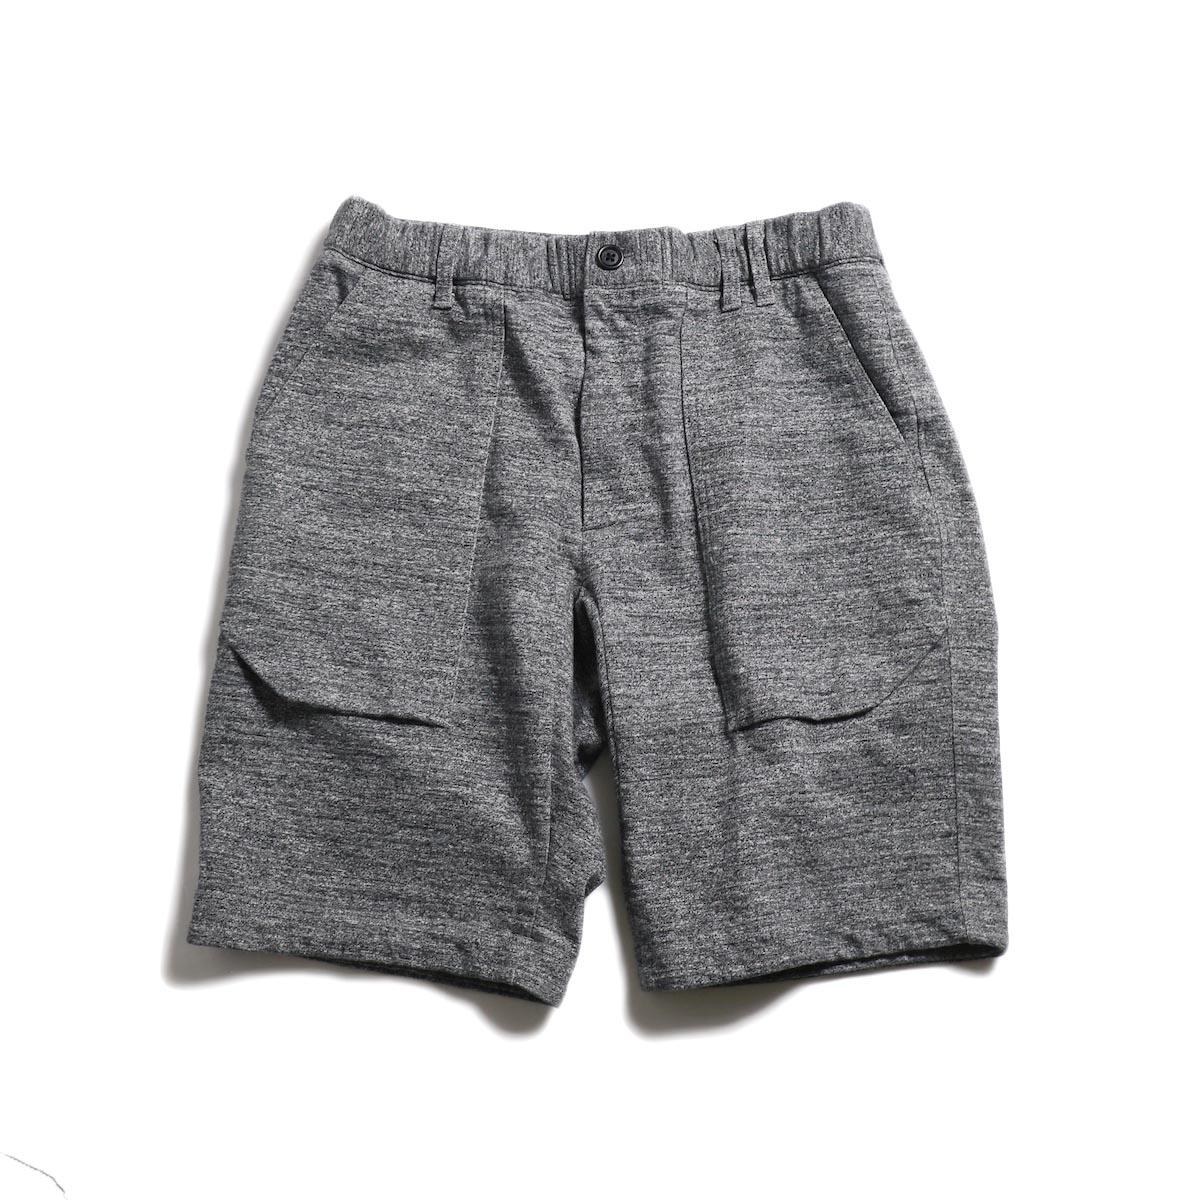 Jackman / Dotsume Shorts -Charcoal